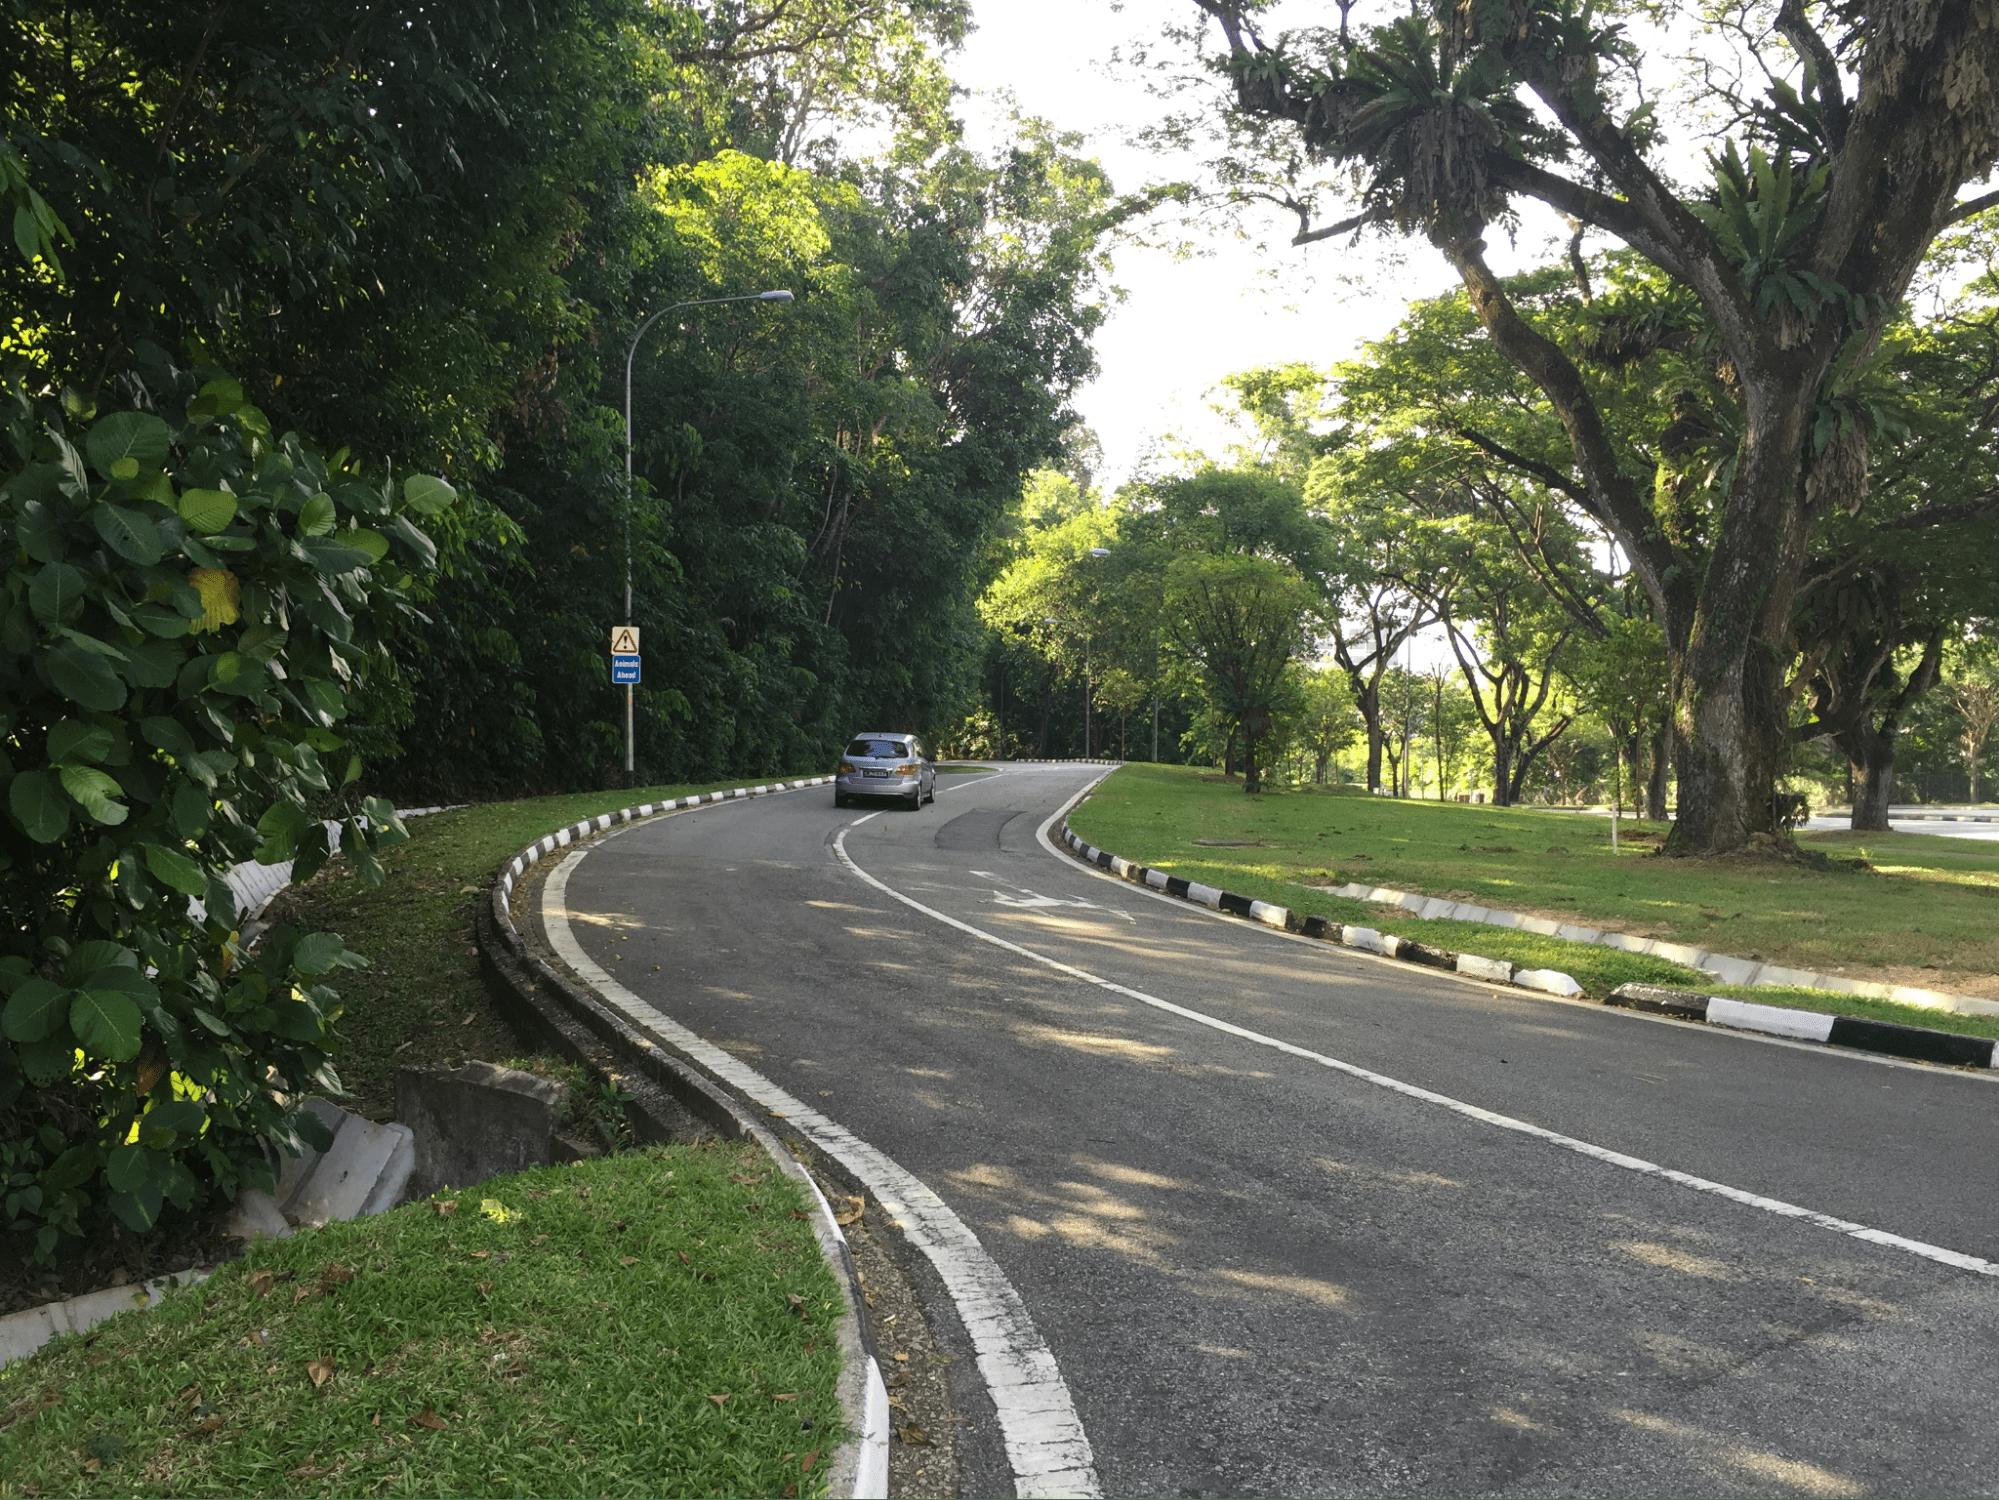 devils bend road - curved road